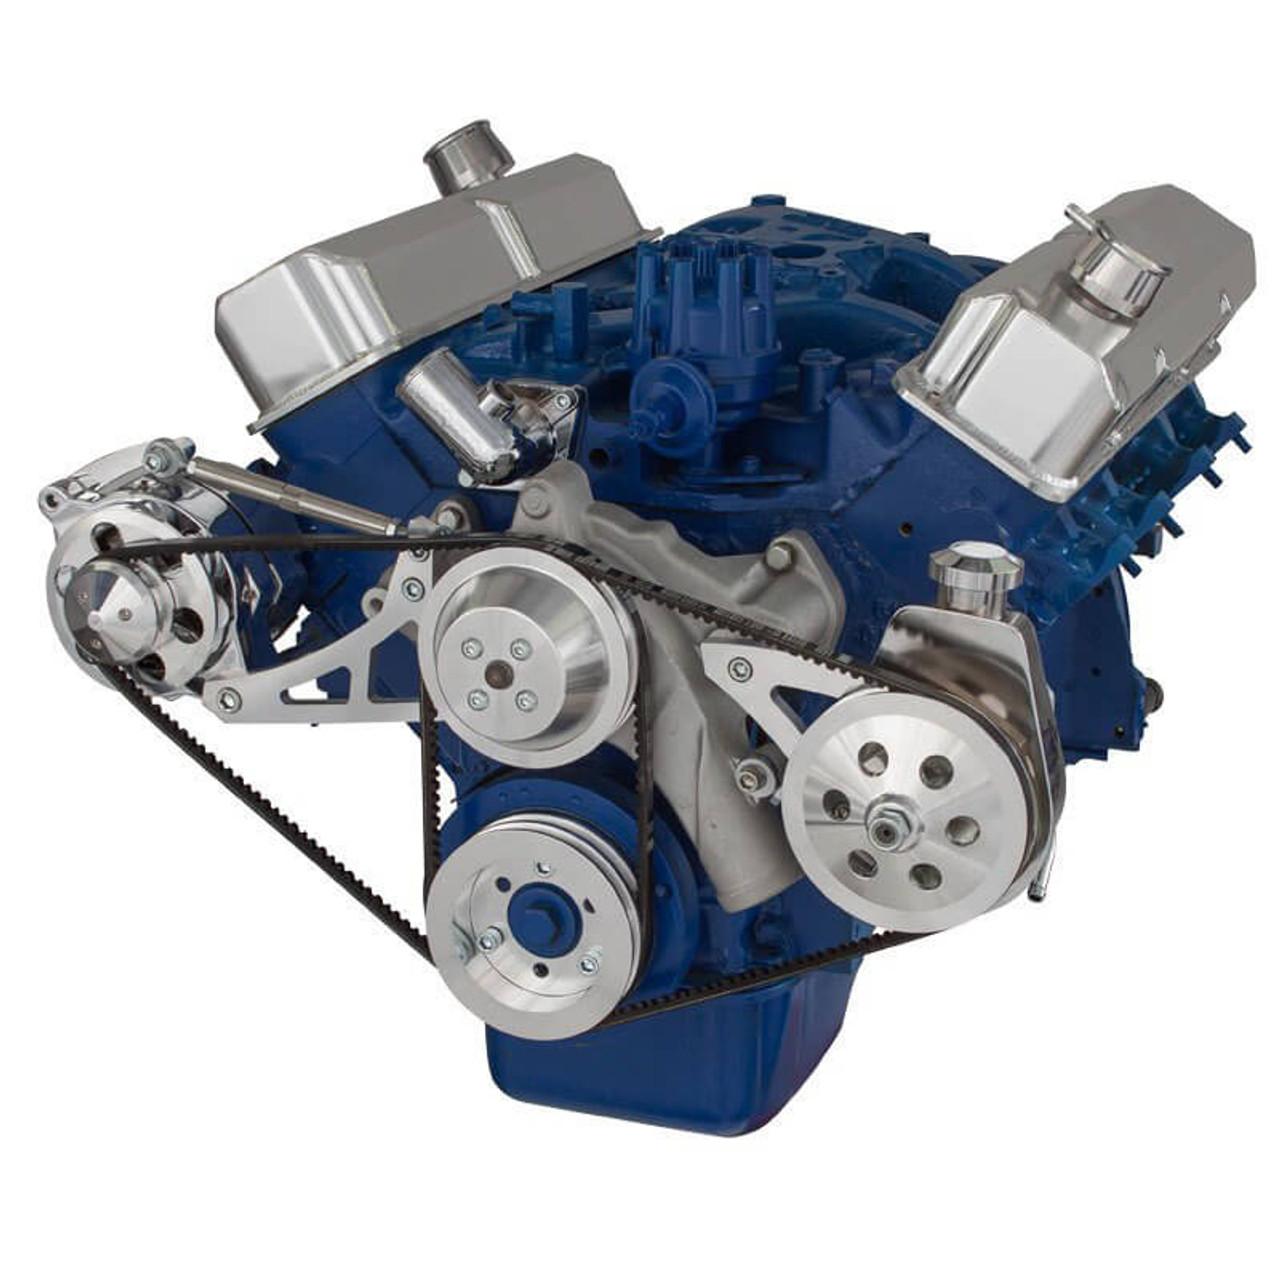 ford 390 fe engine v belt pulley system saginaw pump. Black Bedroom Furniture Sets. Home Design Ideas